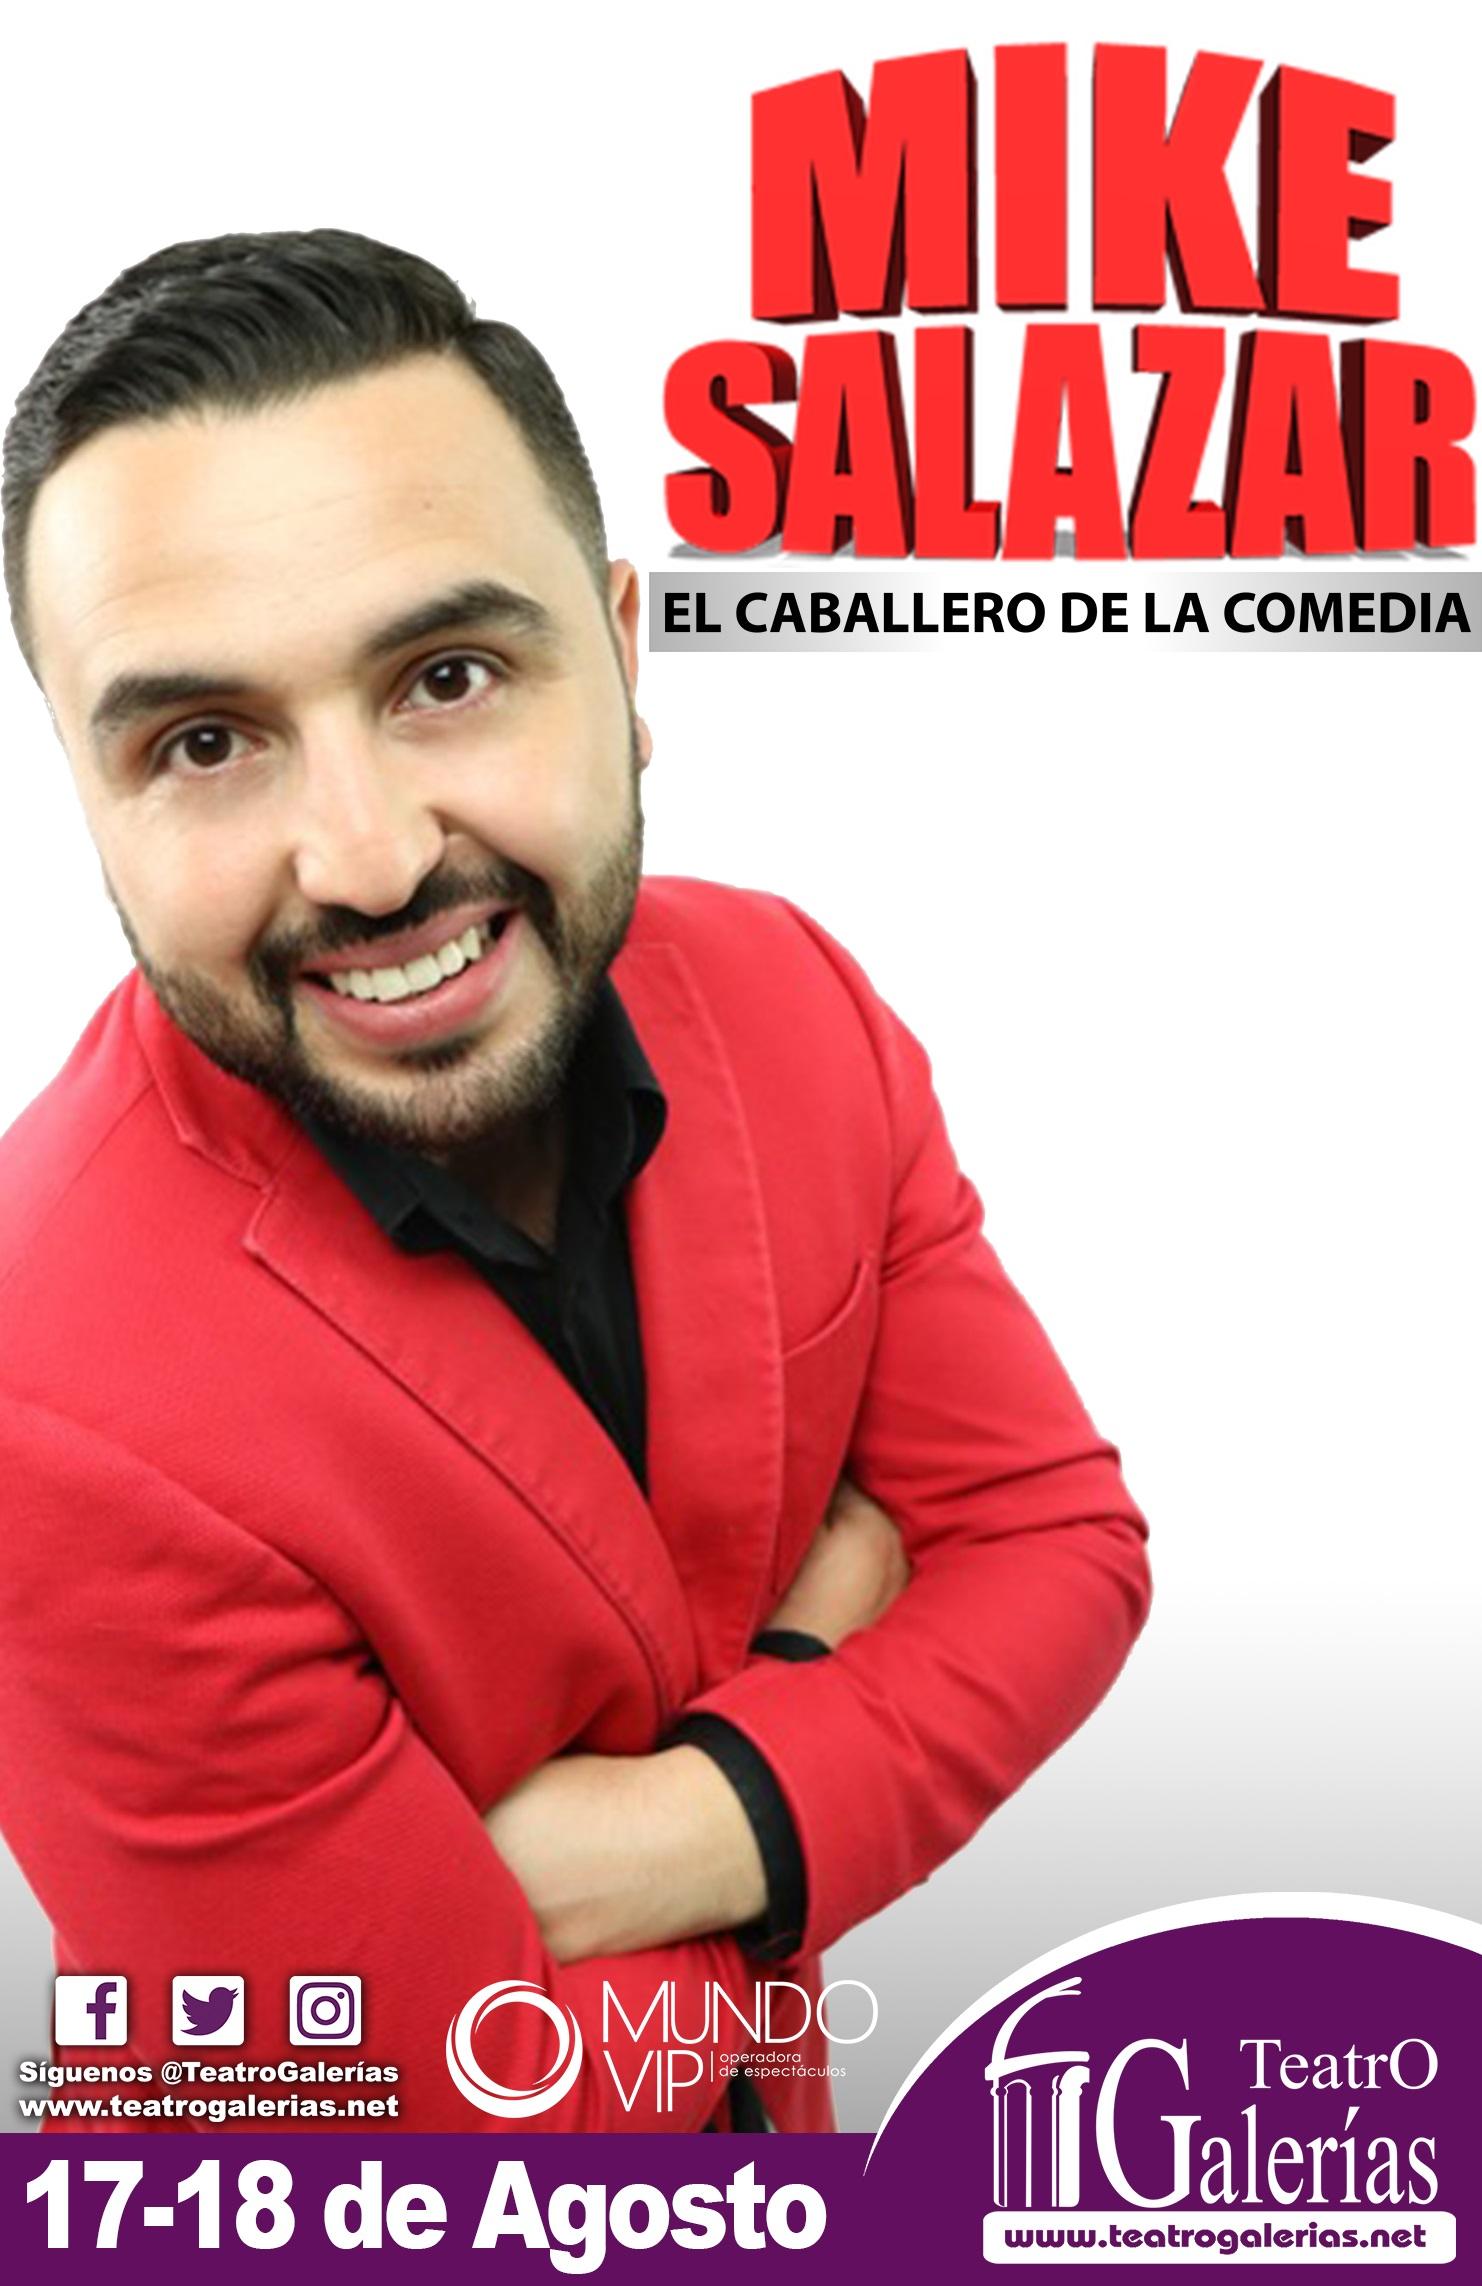 Mike Salazar / Teatro Galerías